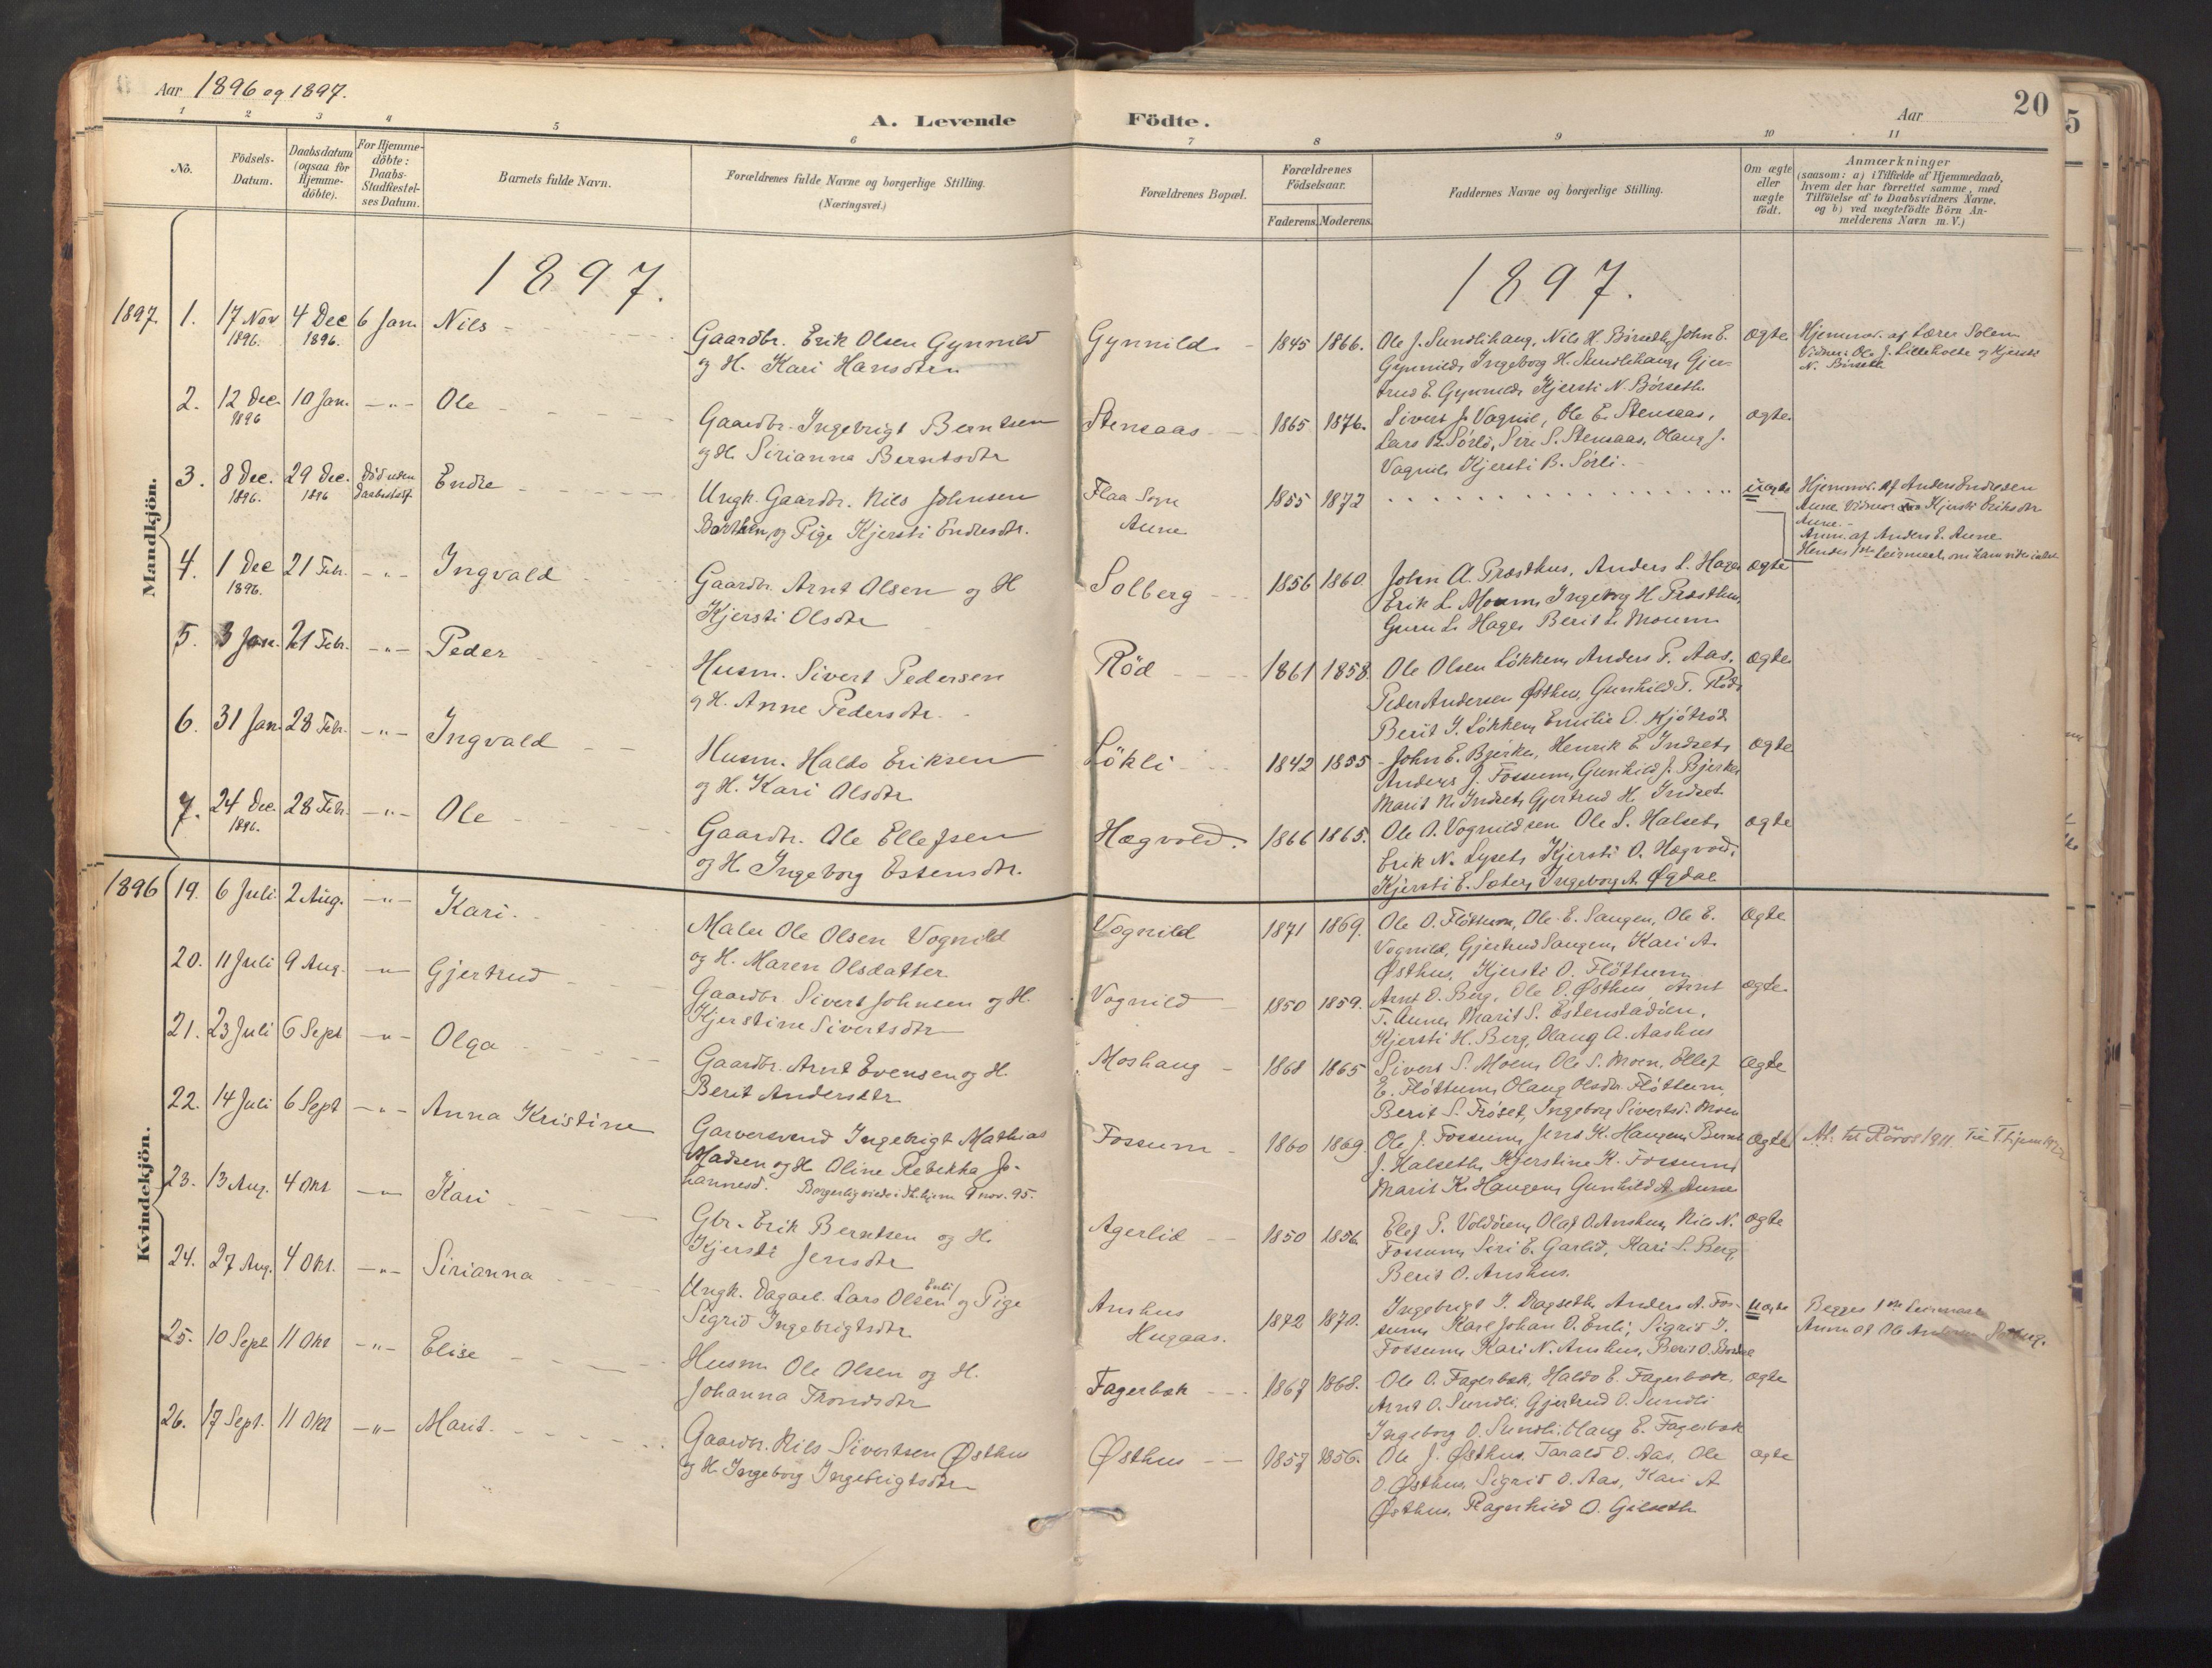 SAT, Ministerialprotokoller, klokkerbøker og fødselsregistre - Sør-Trøndelag, 689/L1041: Ministerialbok nr. 689A06, 1891-1923, s. 20